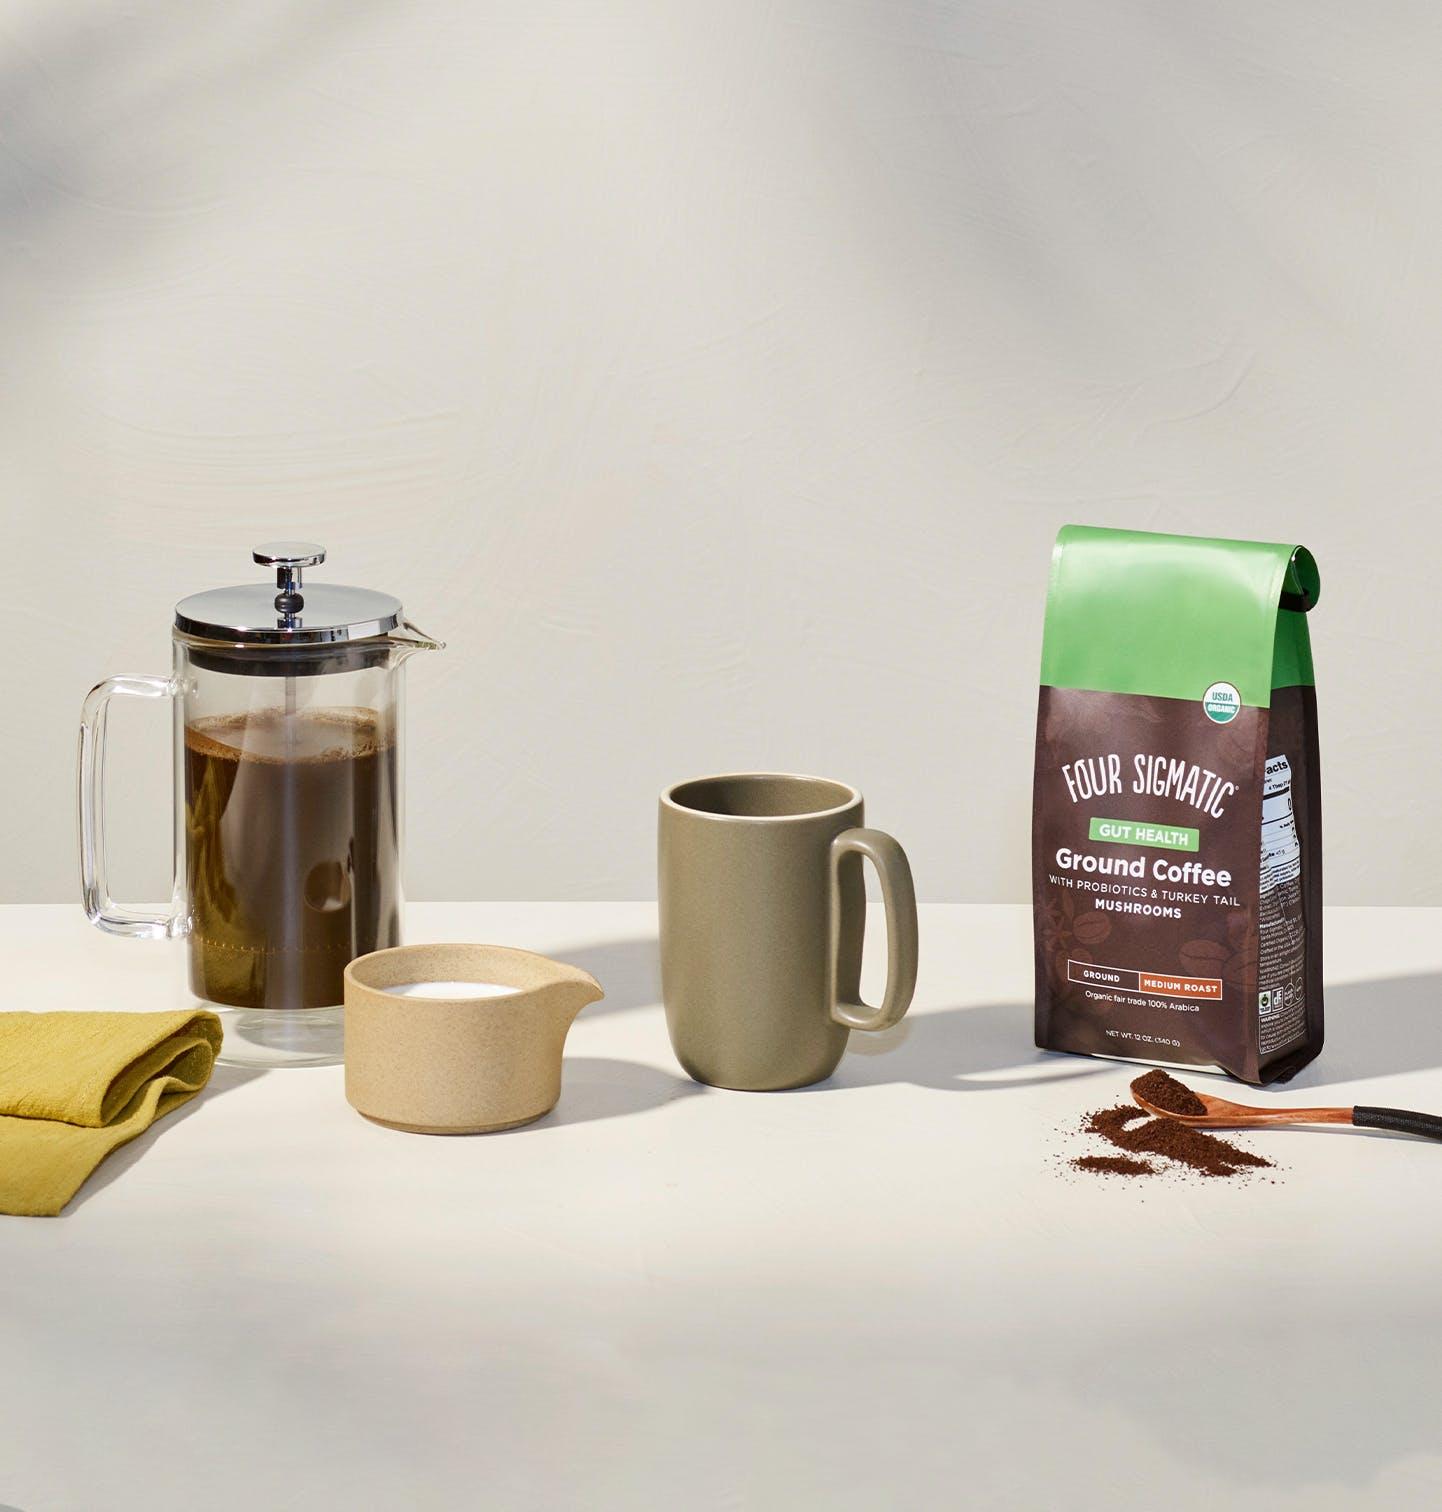 Gut Health Ground Coffee